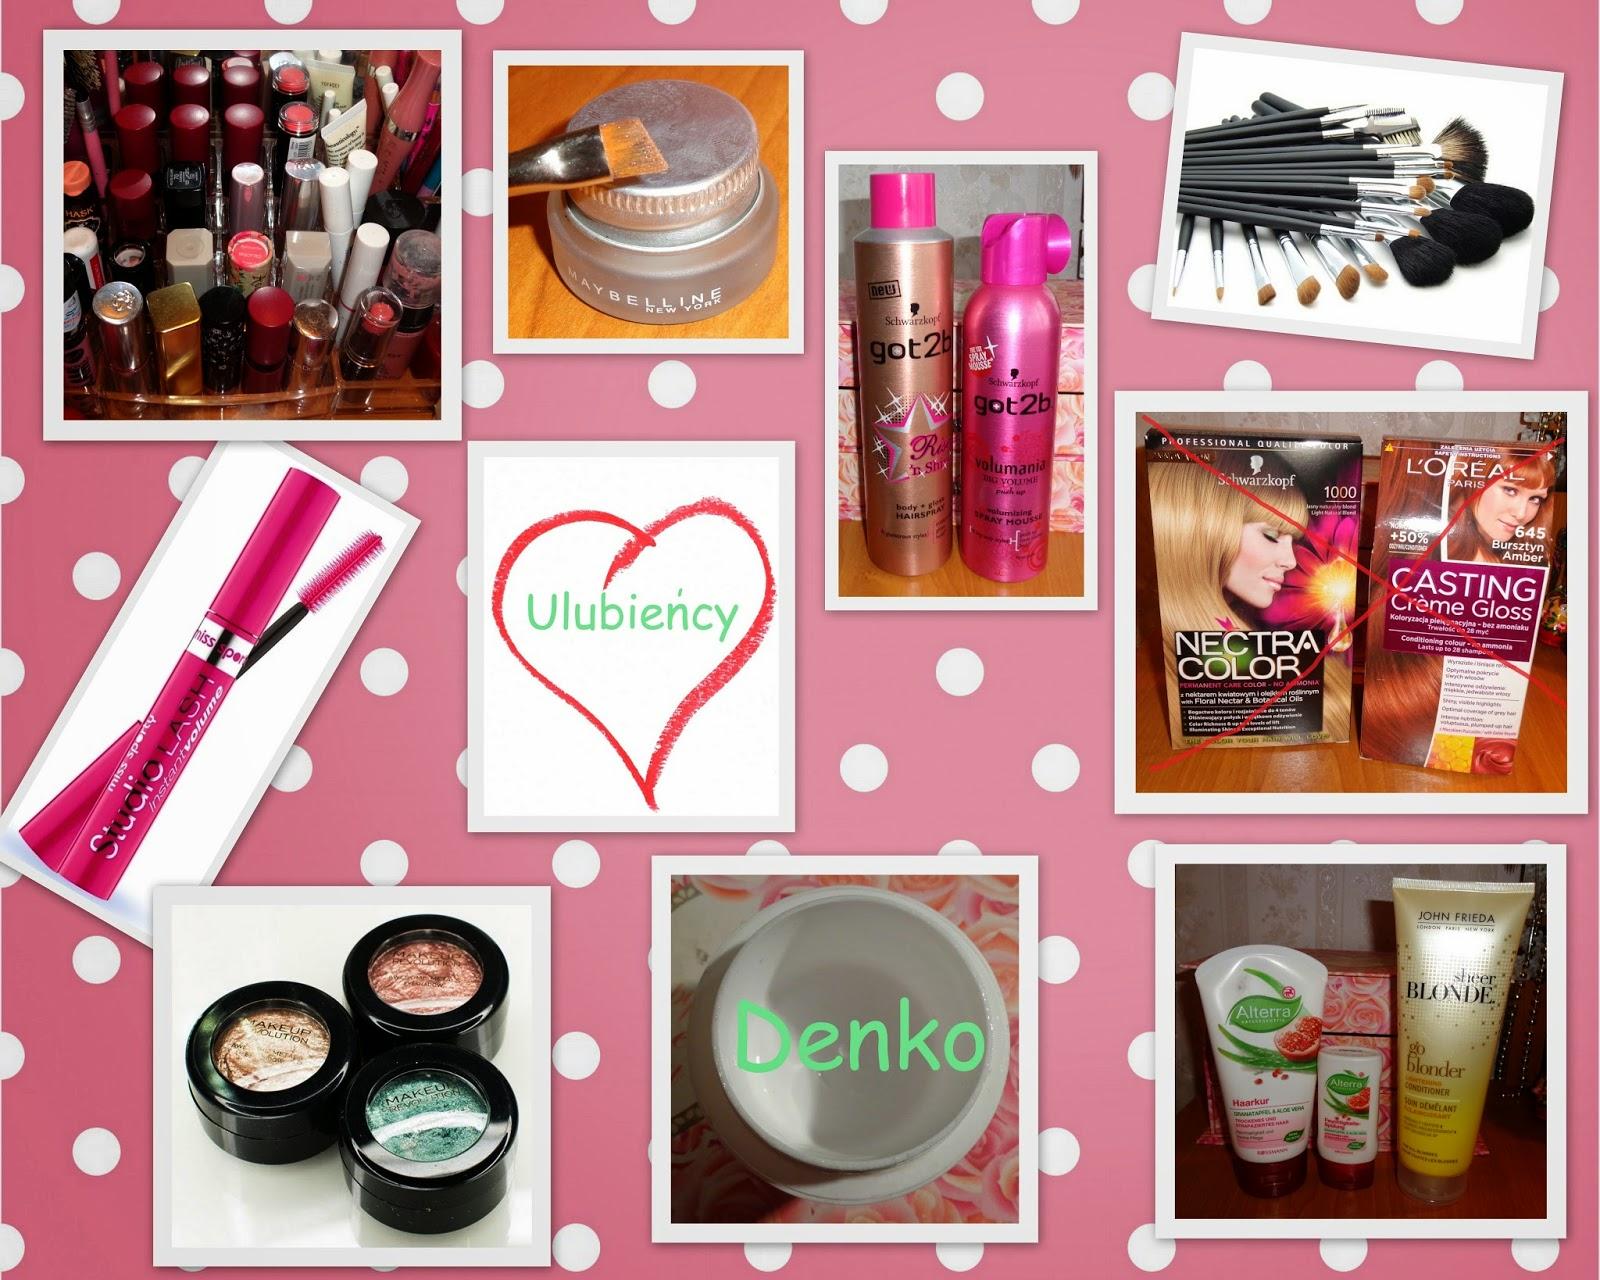 Kosmetyczne i blogowe postanowienia noworoczne: więcej/ pierwszy raz/ w ogóle nie